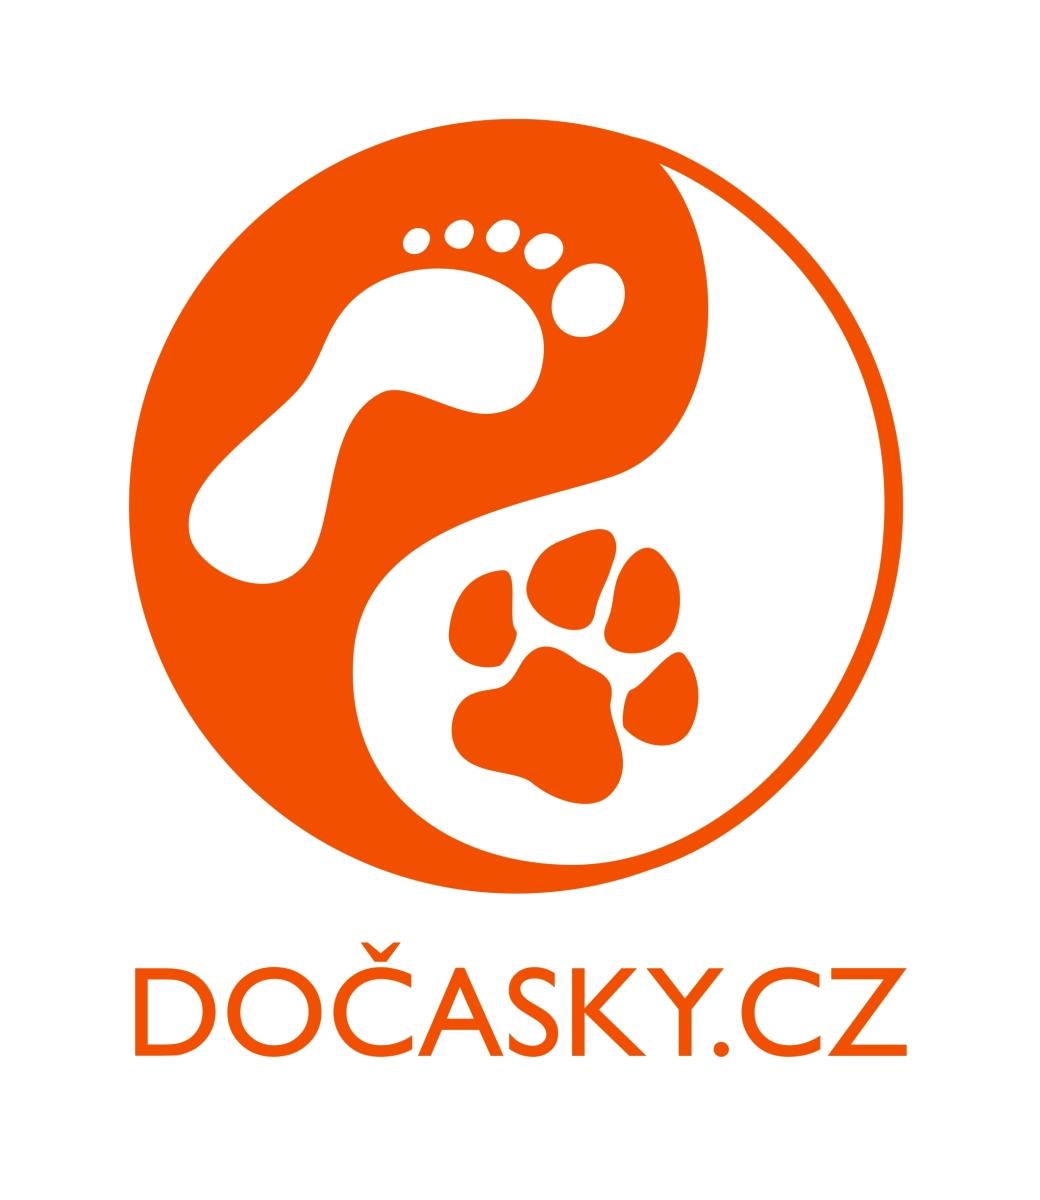 Dočasky.cz